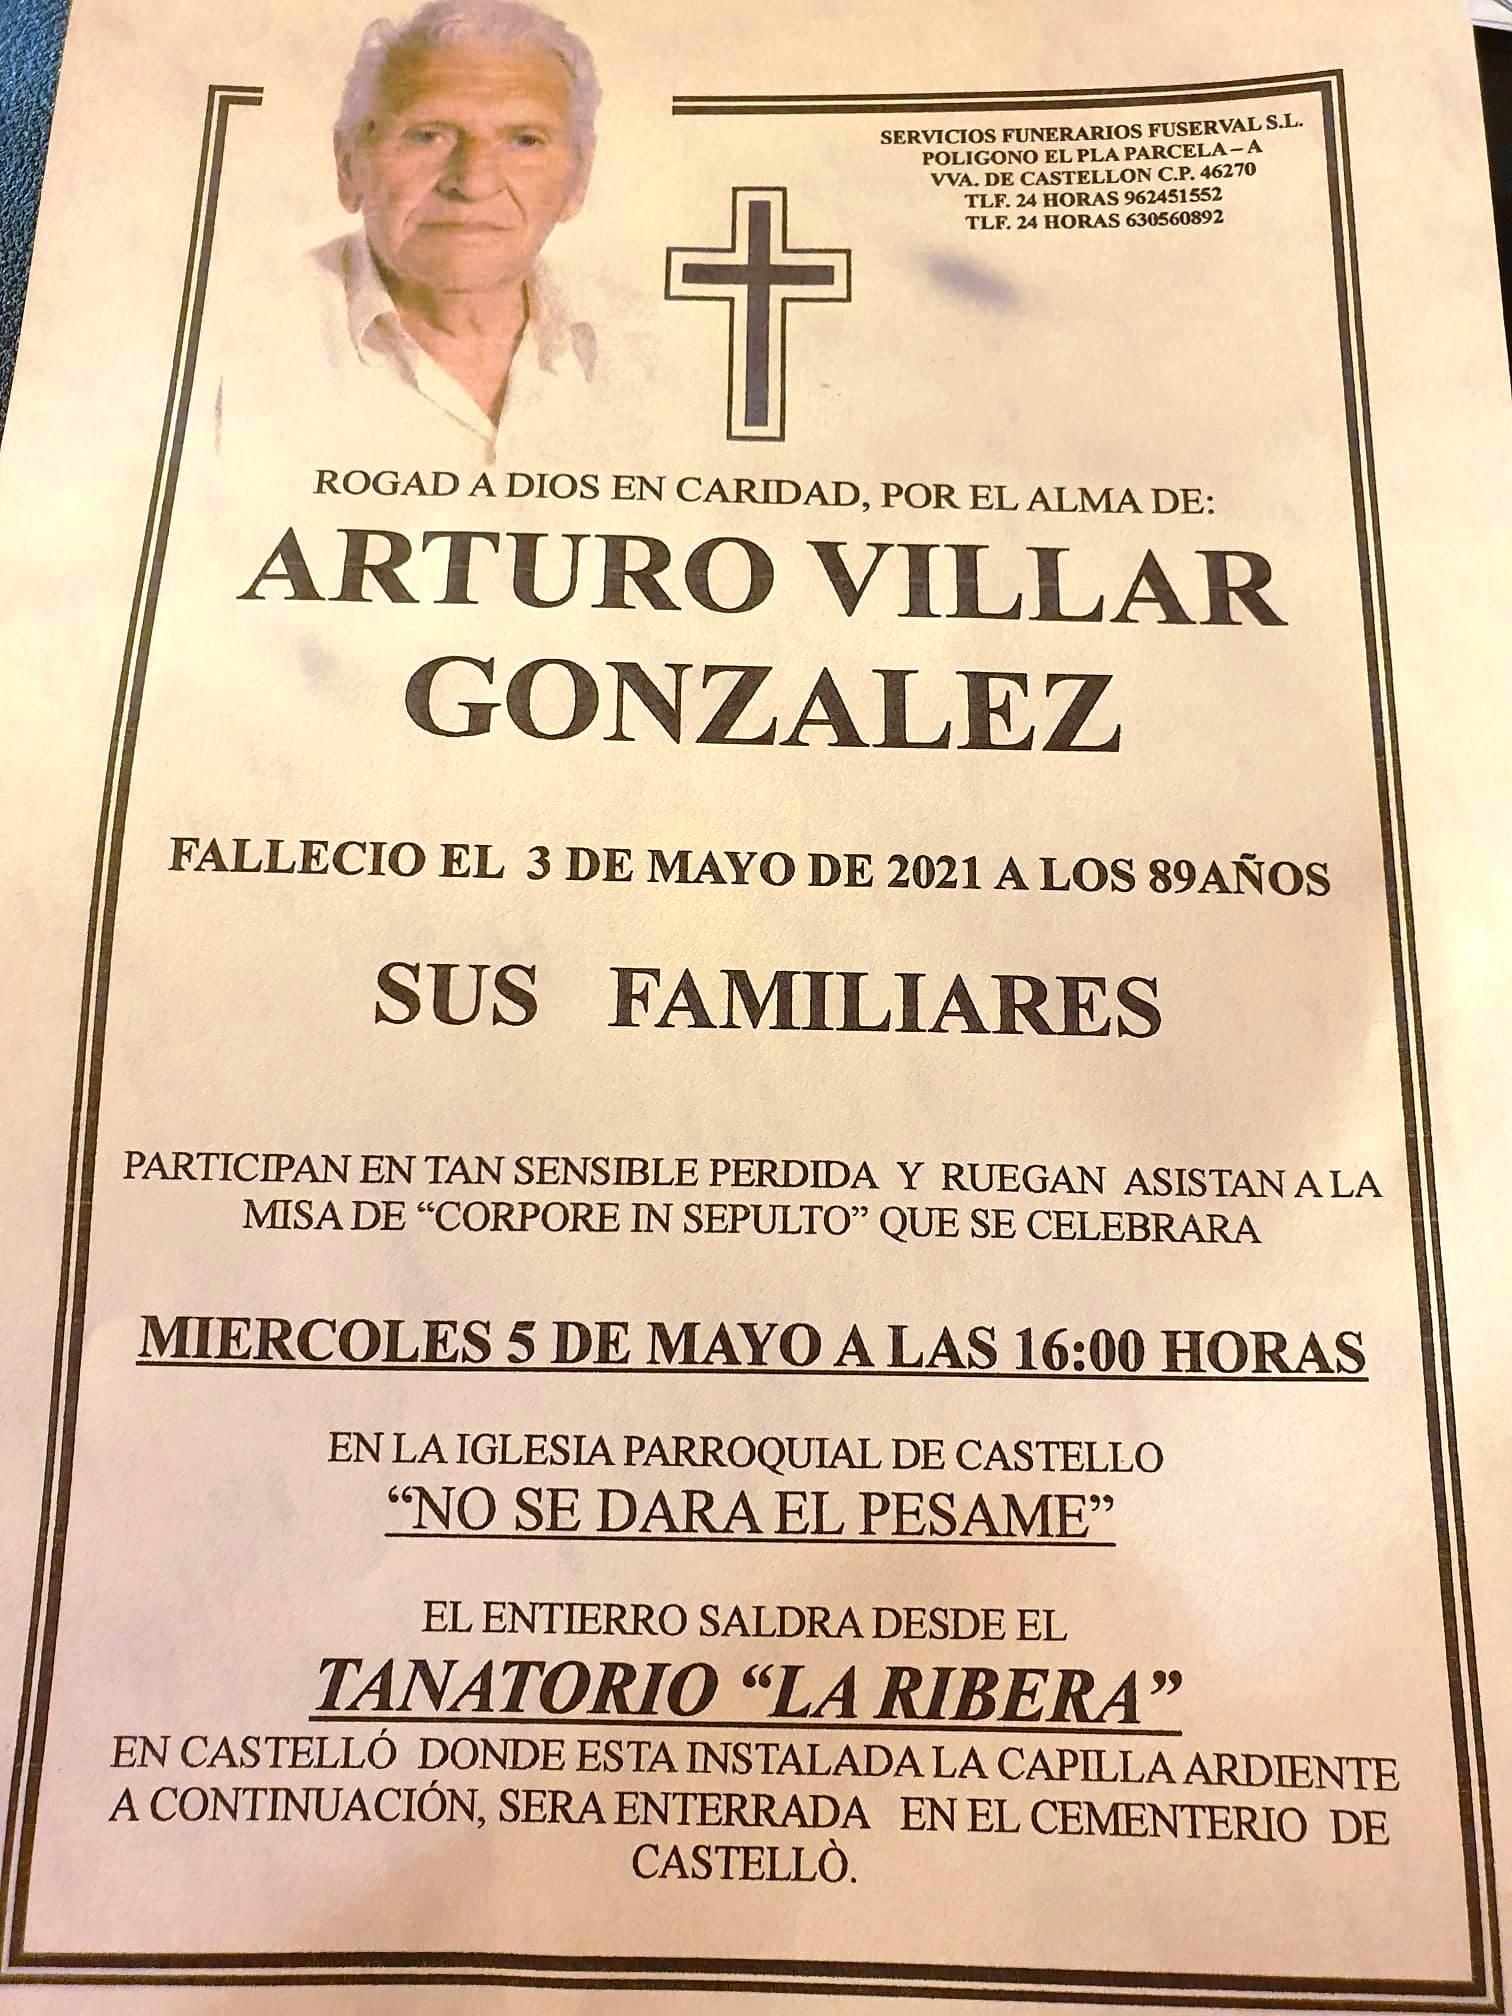 Obituari - ARTURO VILLAR GONZALEZ